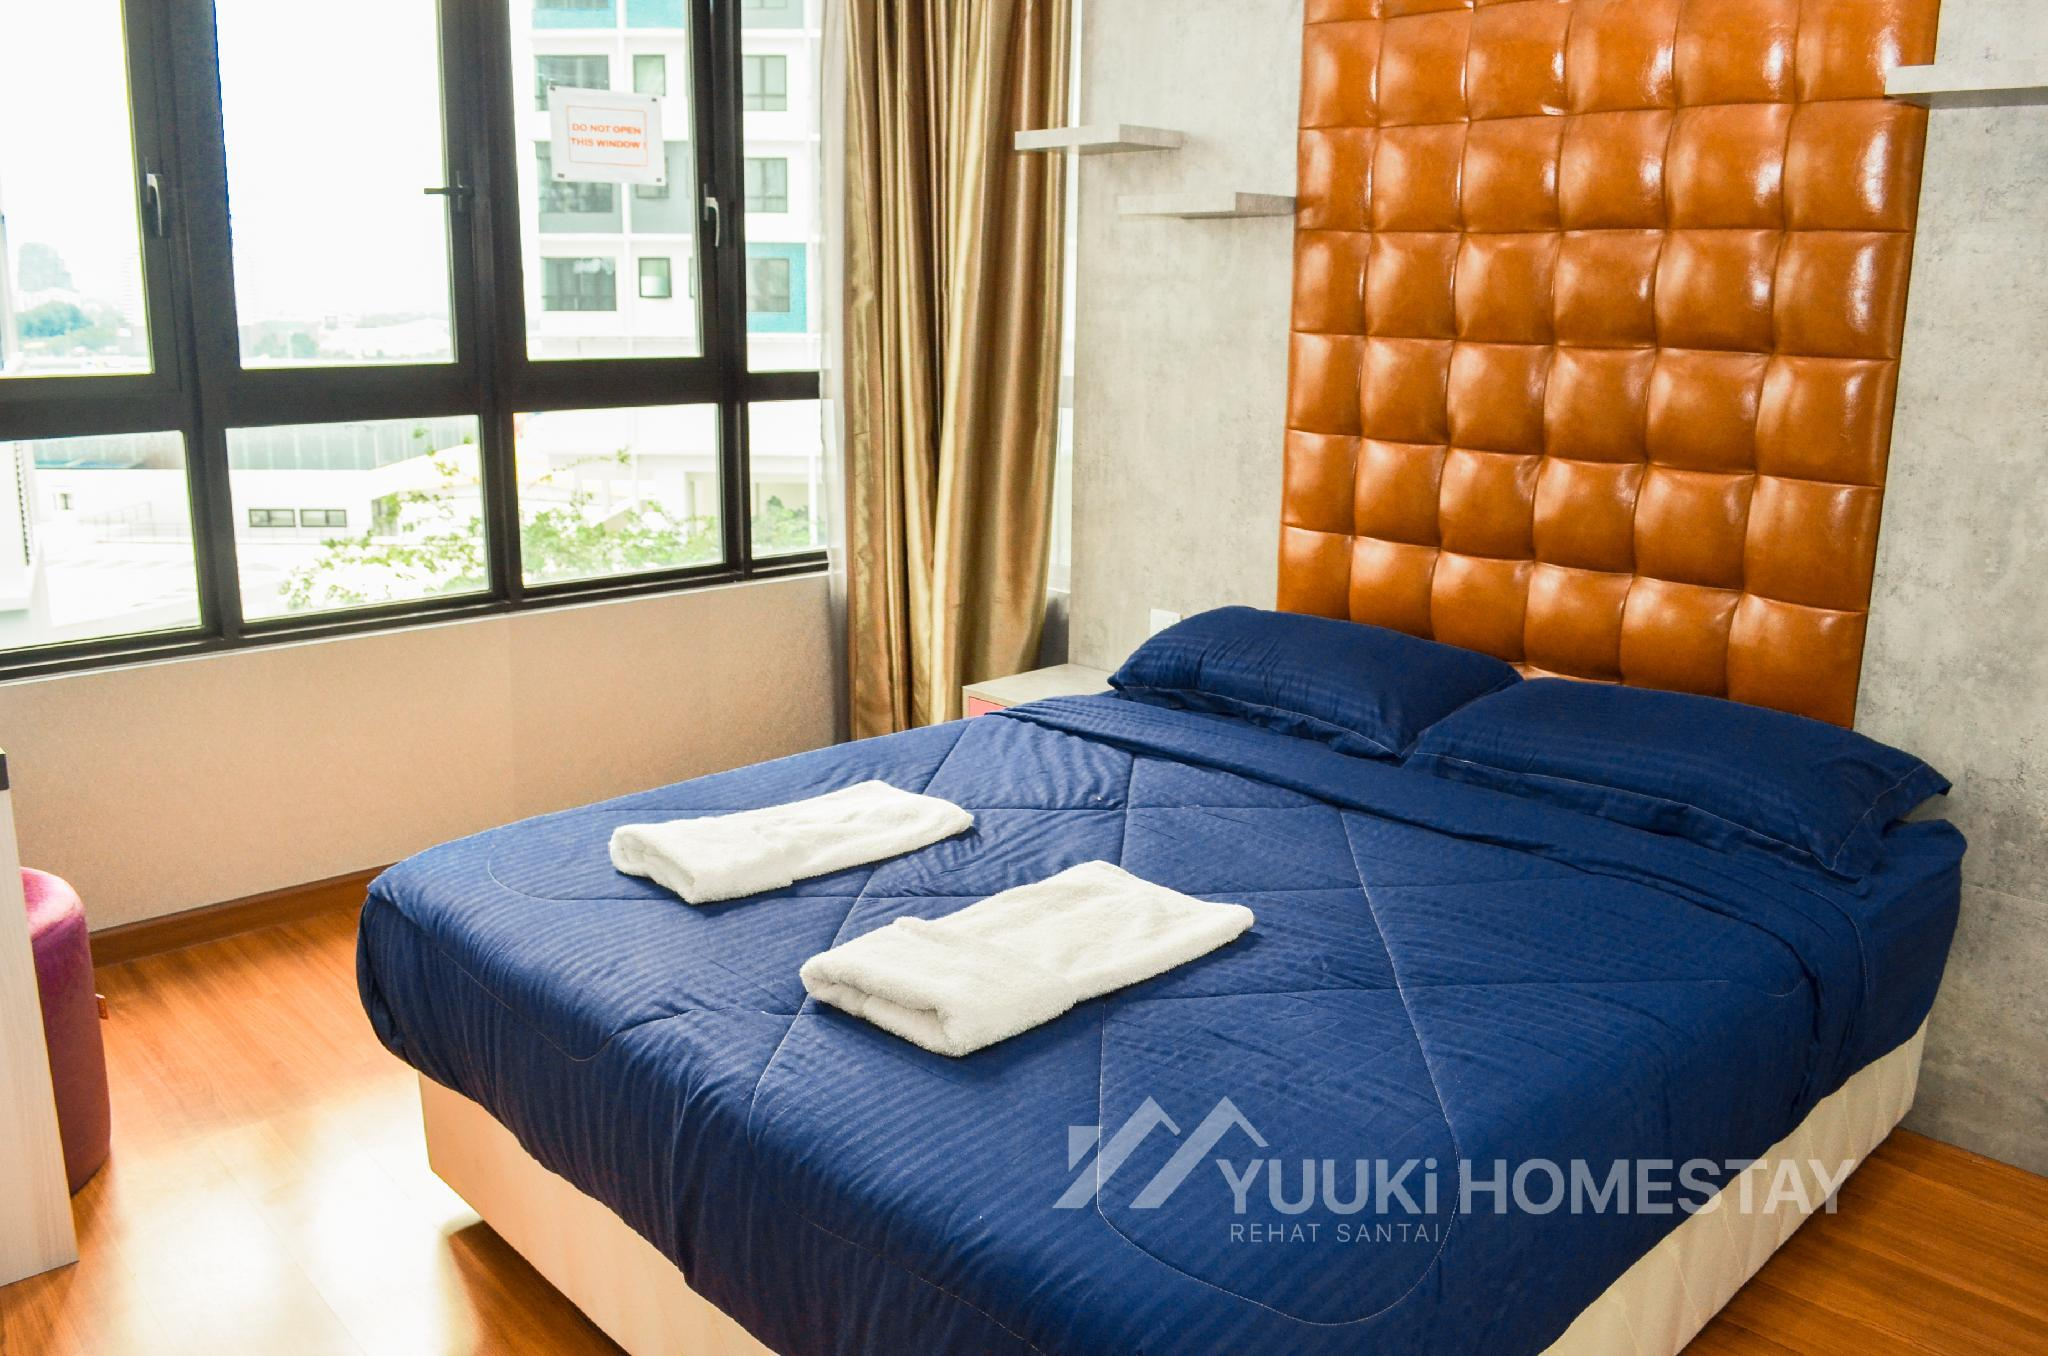 I City @ I Soho 2 BEDROOMS @Yuuki Homestay  001U